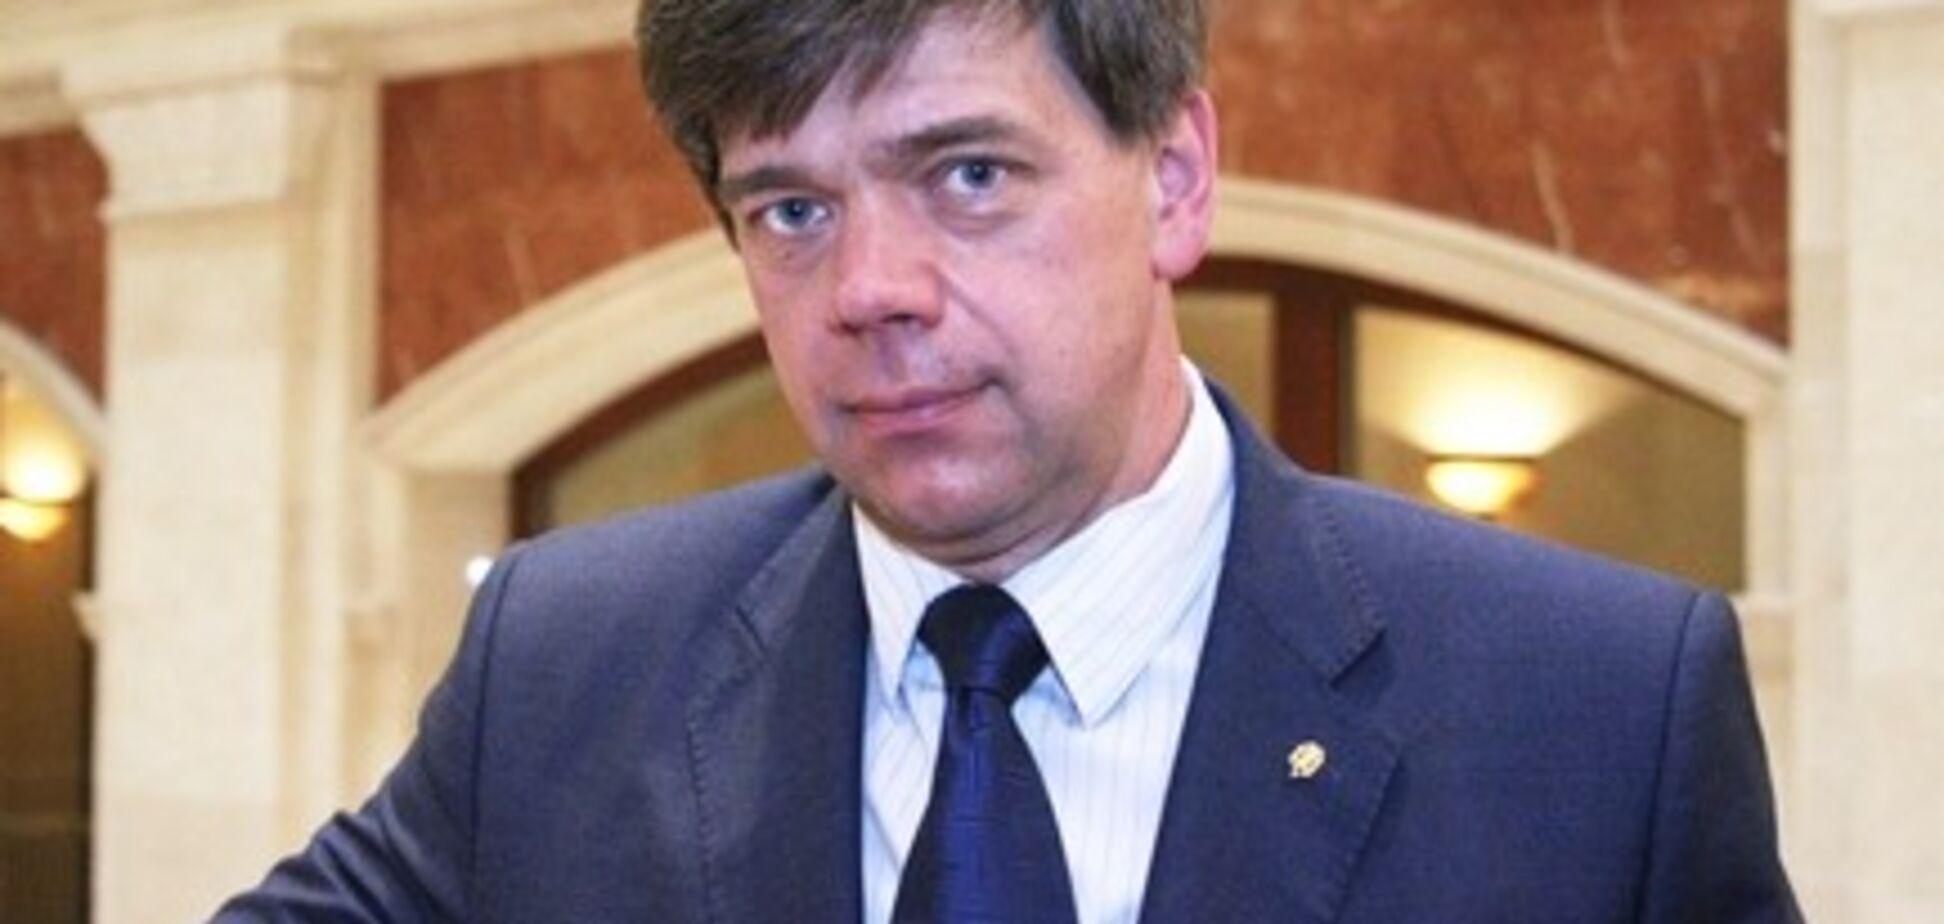 Саакашвили не отвертится: адвокат указал на важный нюанс в законодательстве Украины